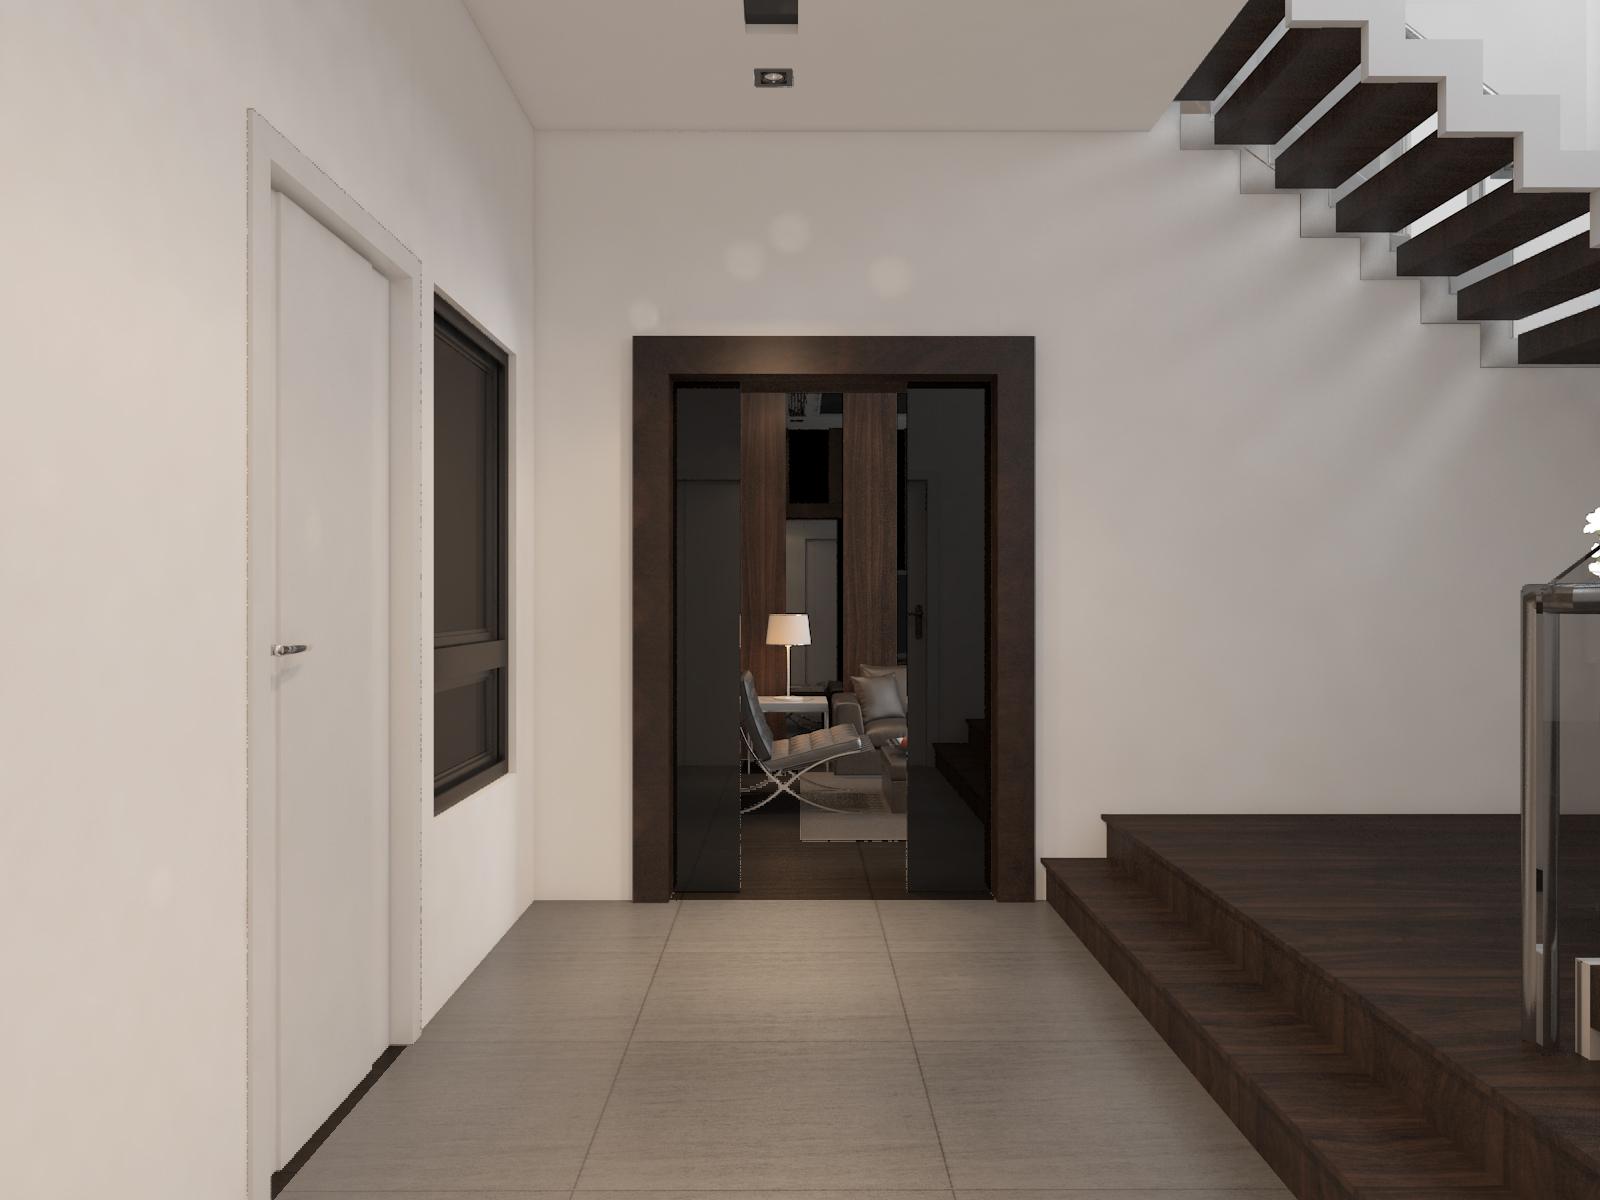 thiết kế nội thất Biệt Thự tại Hà Nội bt Vinhomes - riverside 54 1568085375